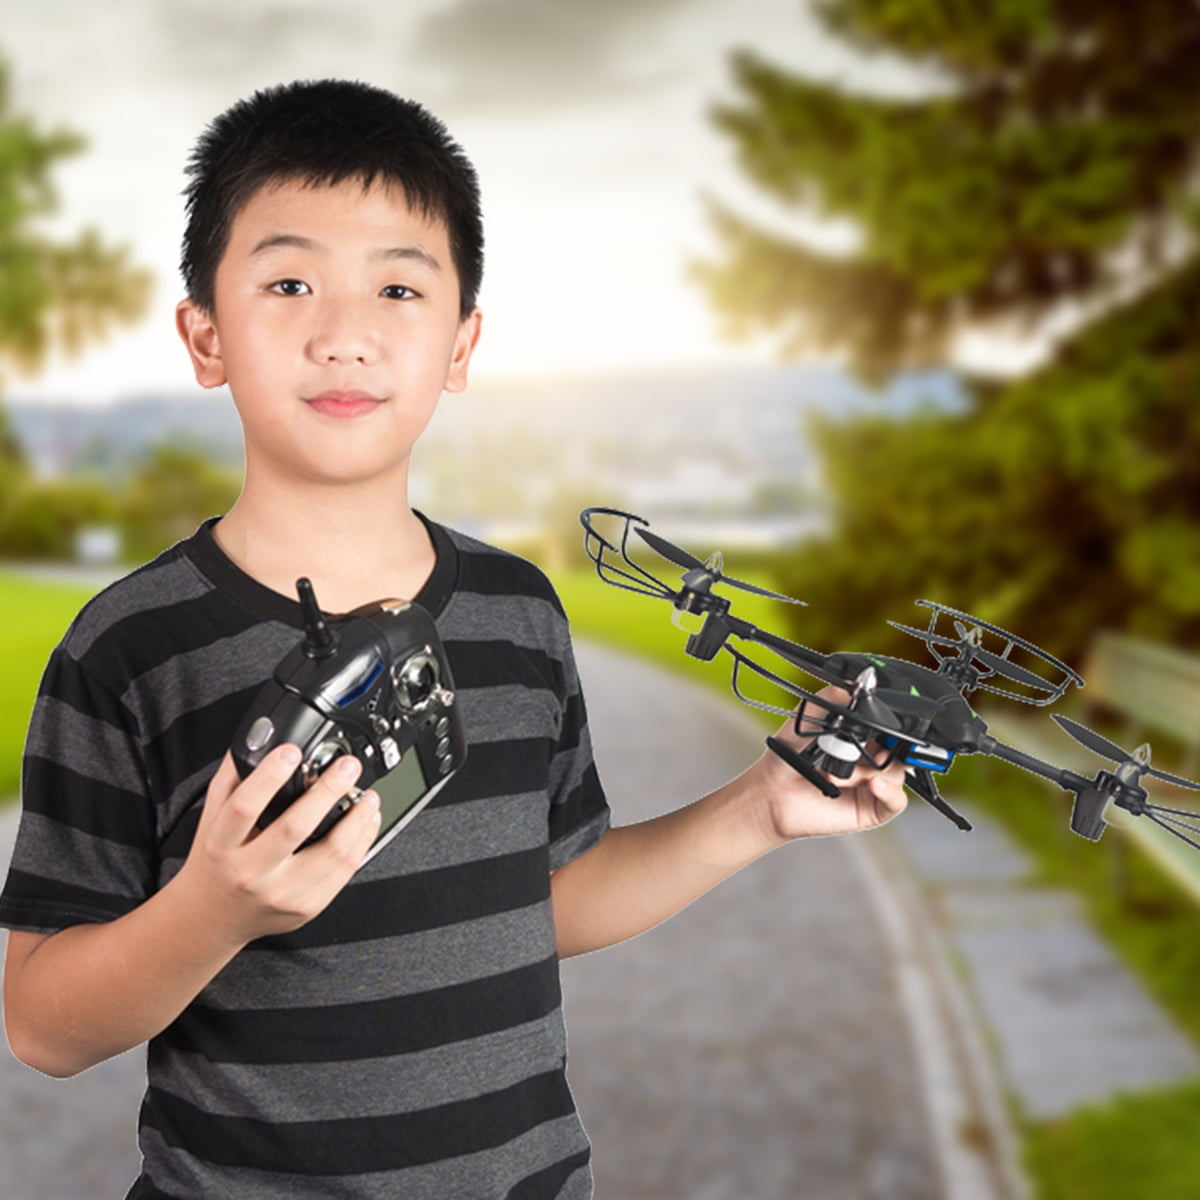 đồ chơi cho bé trai 7 tuổi